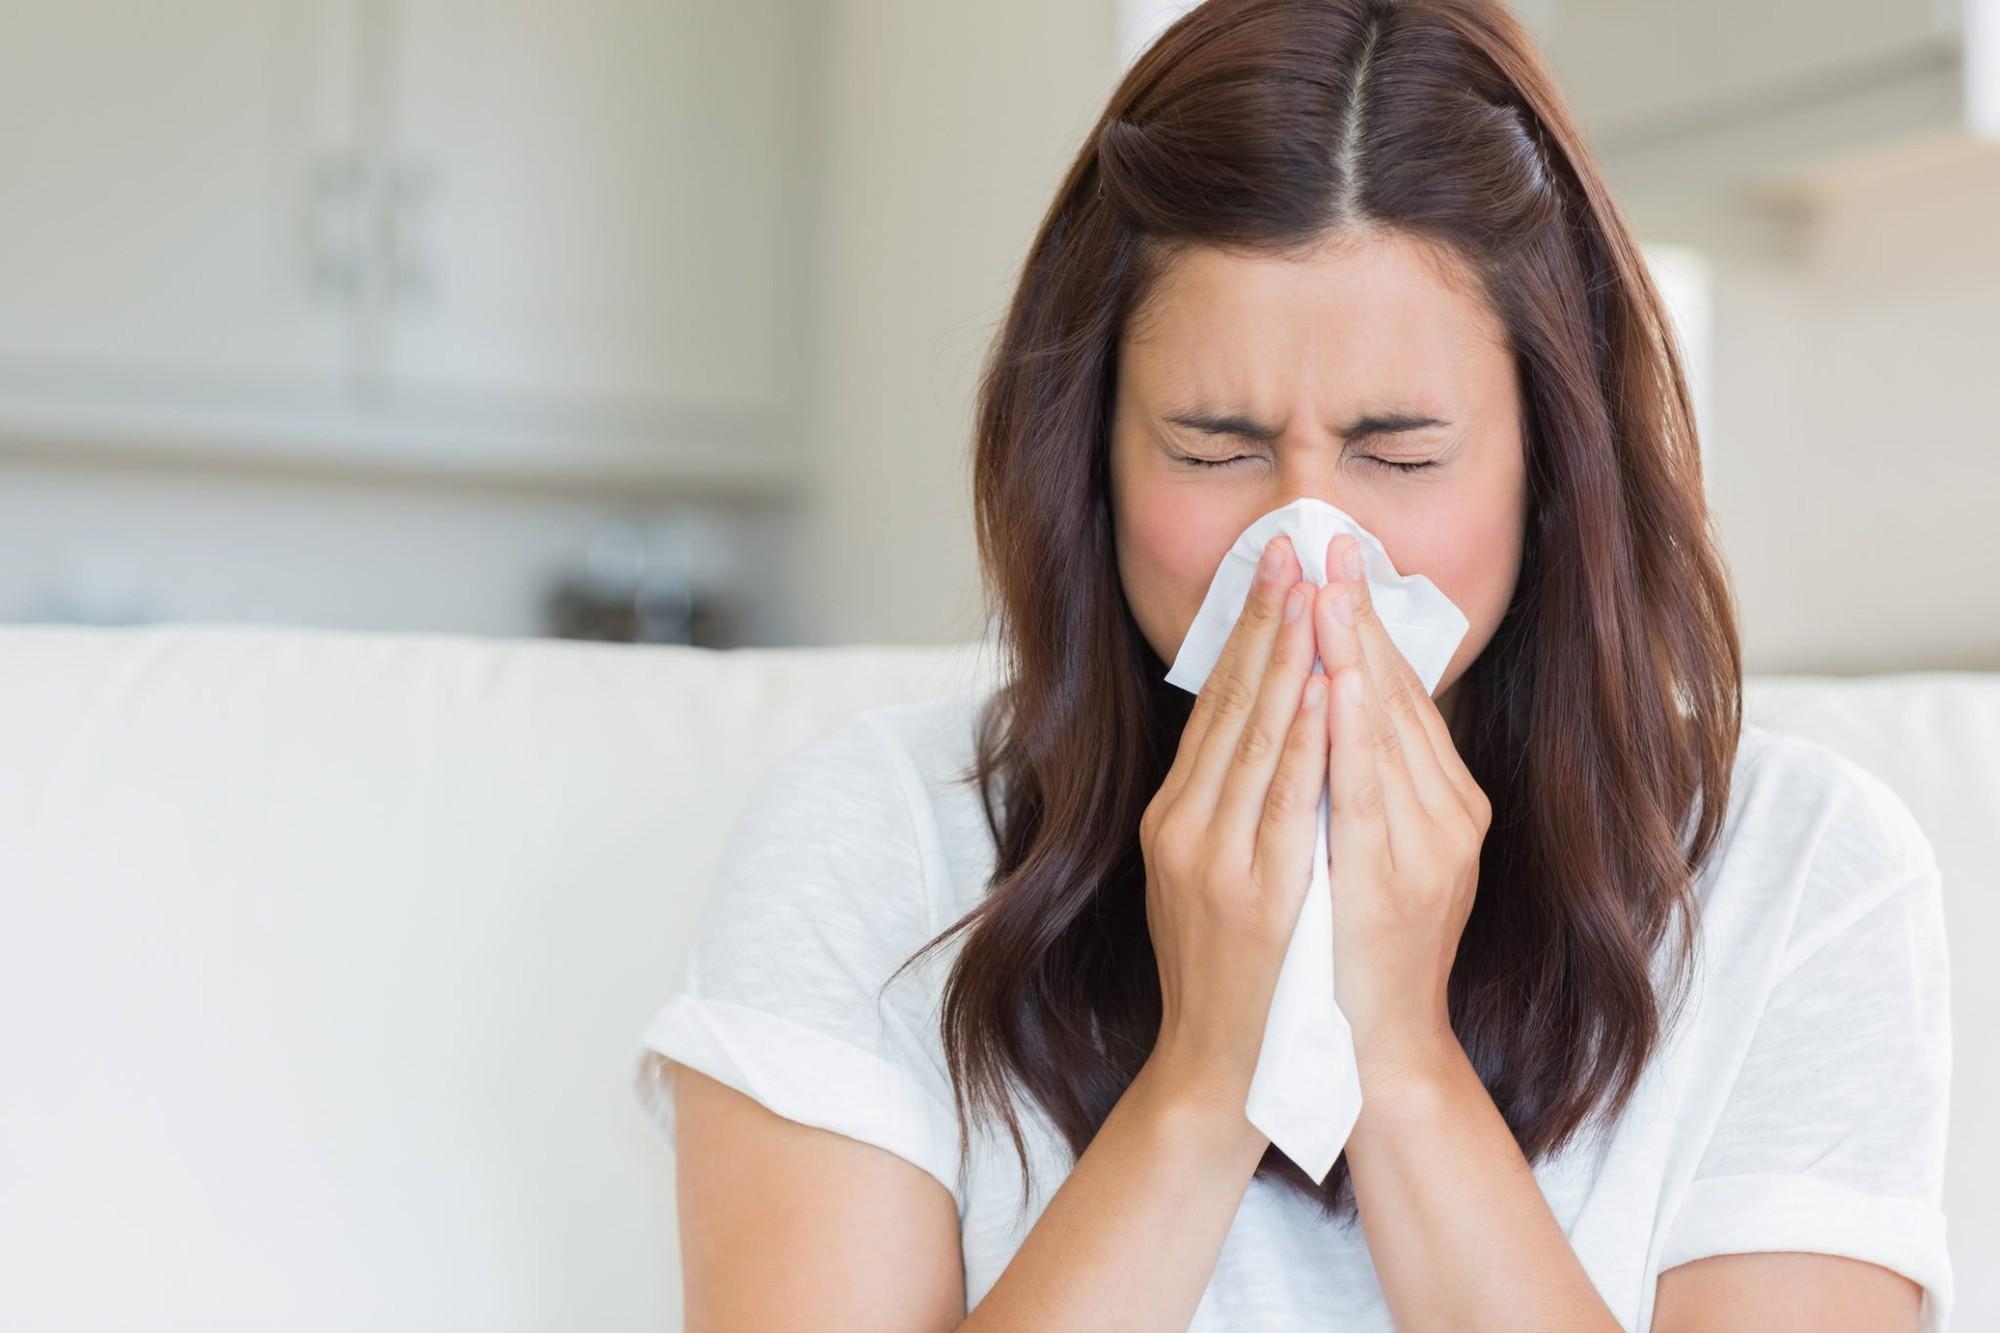 4 dấu hiệu khó nhận biết cho thấy có thể bạn đang ủ bệnh viêm xoang - Ảnh 2.